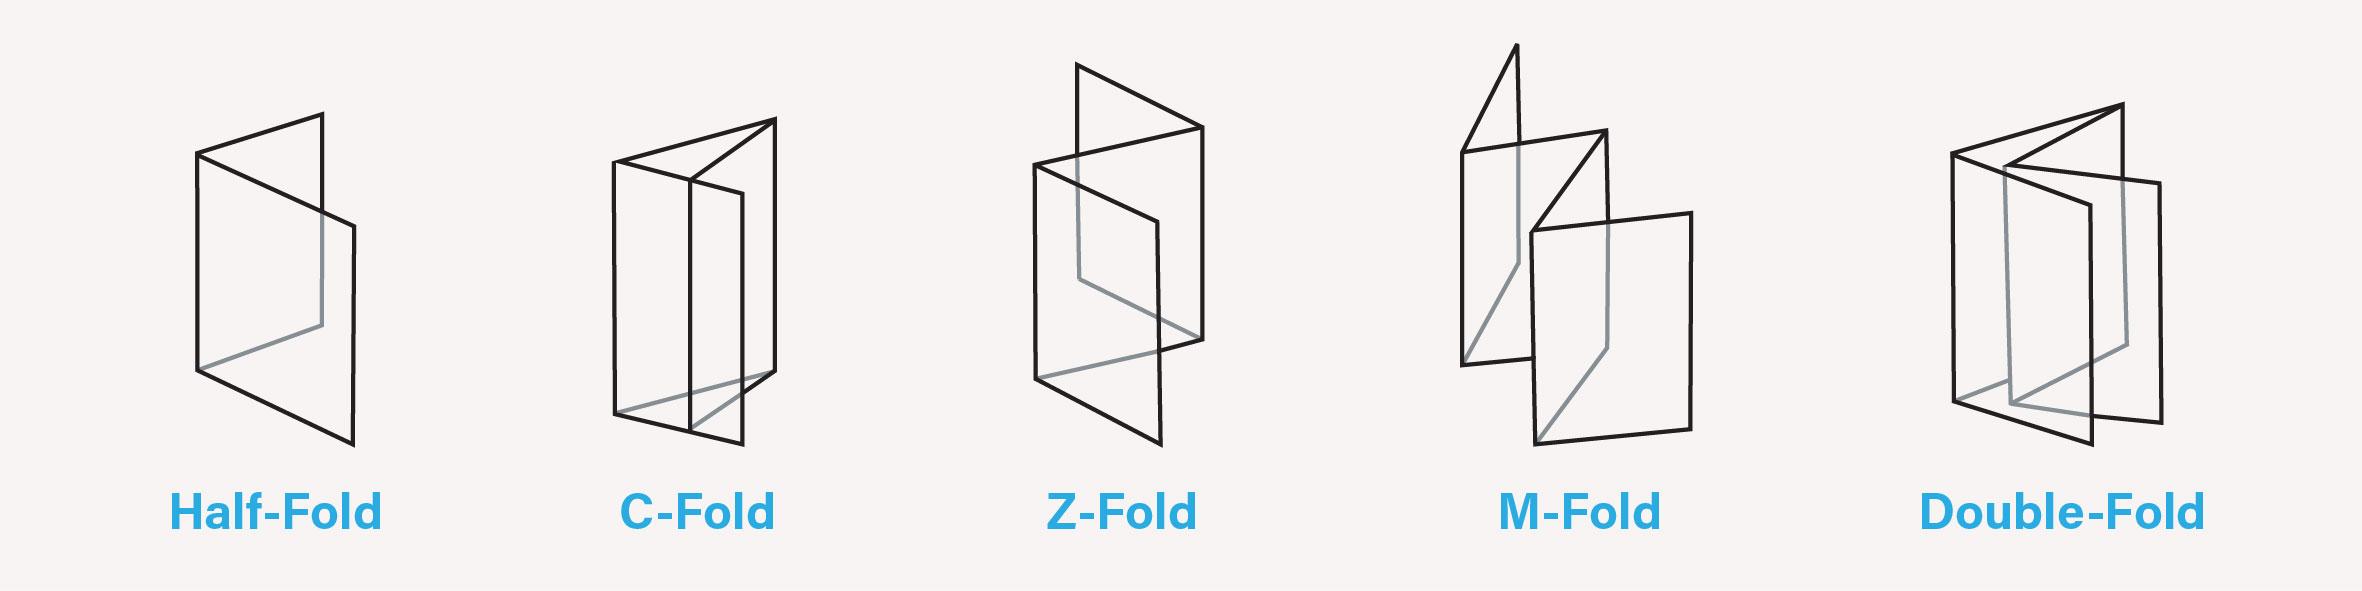 Designs - Brochure